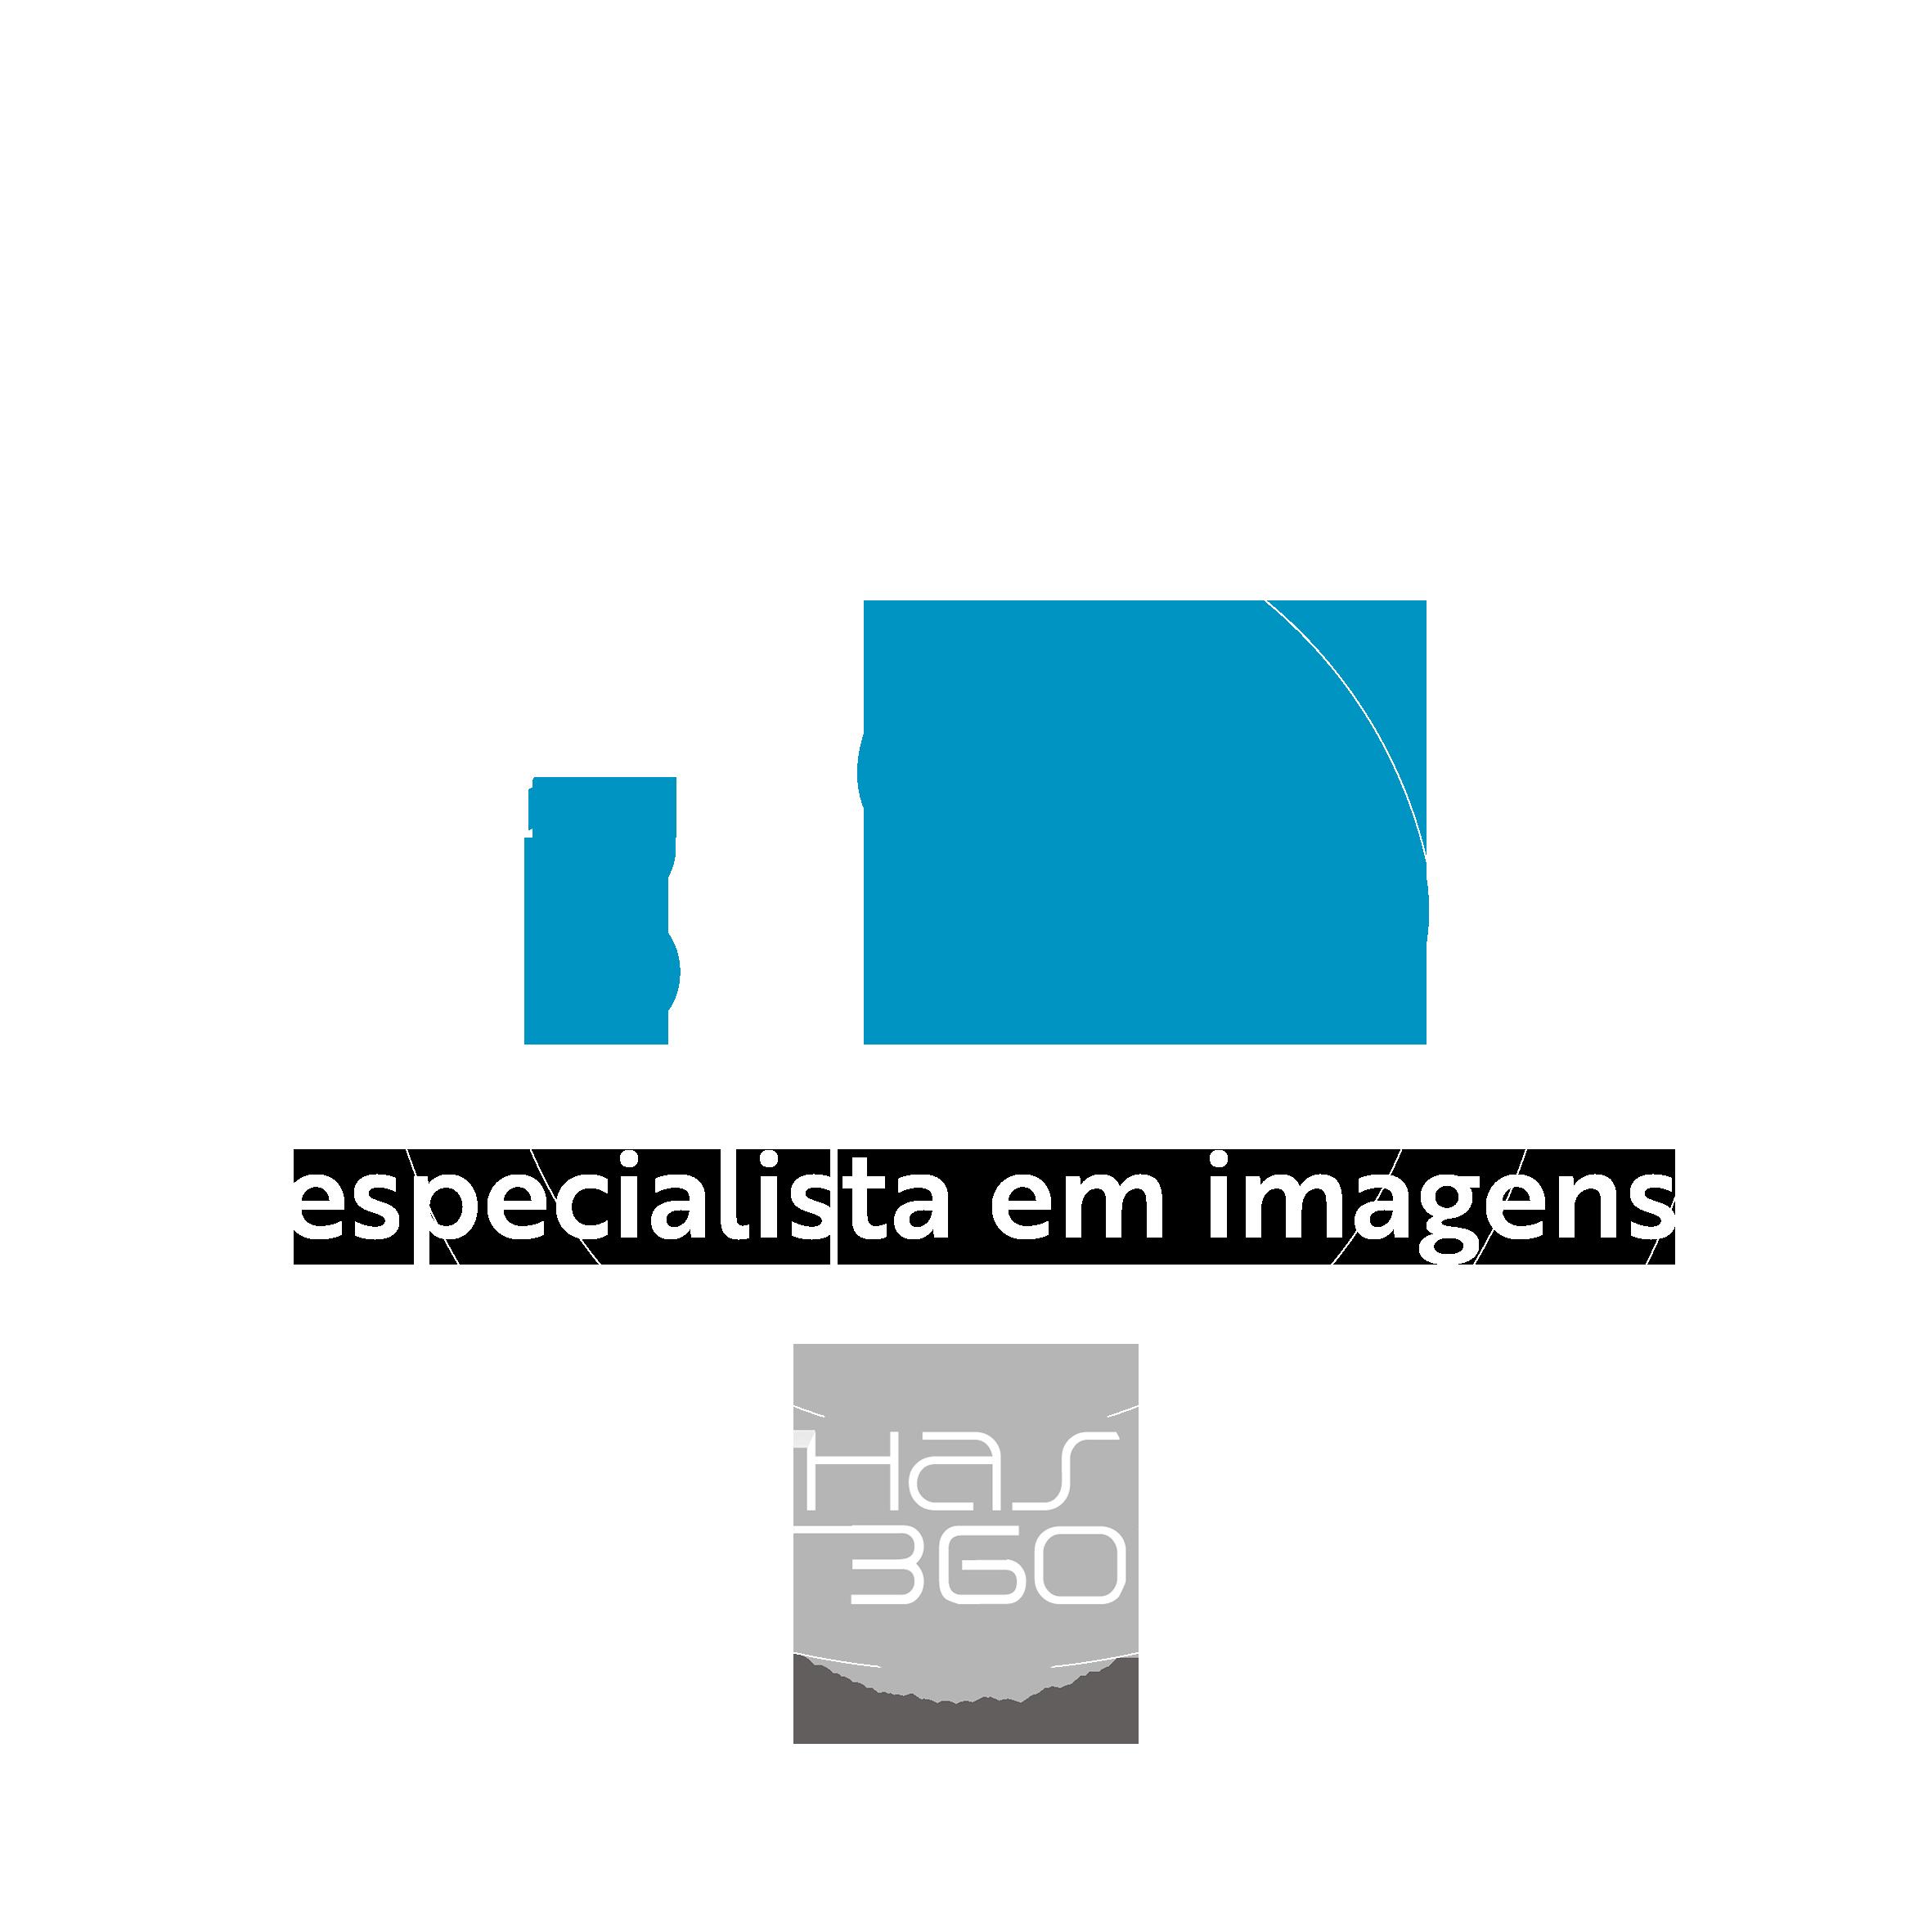 HAS360 Especialista em tecnologia 360º